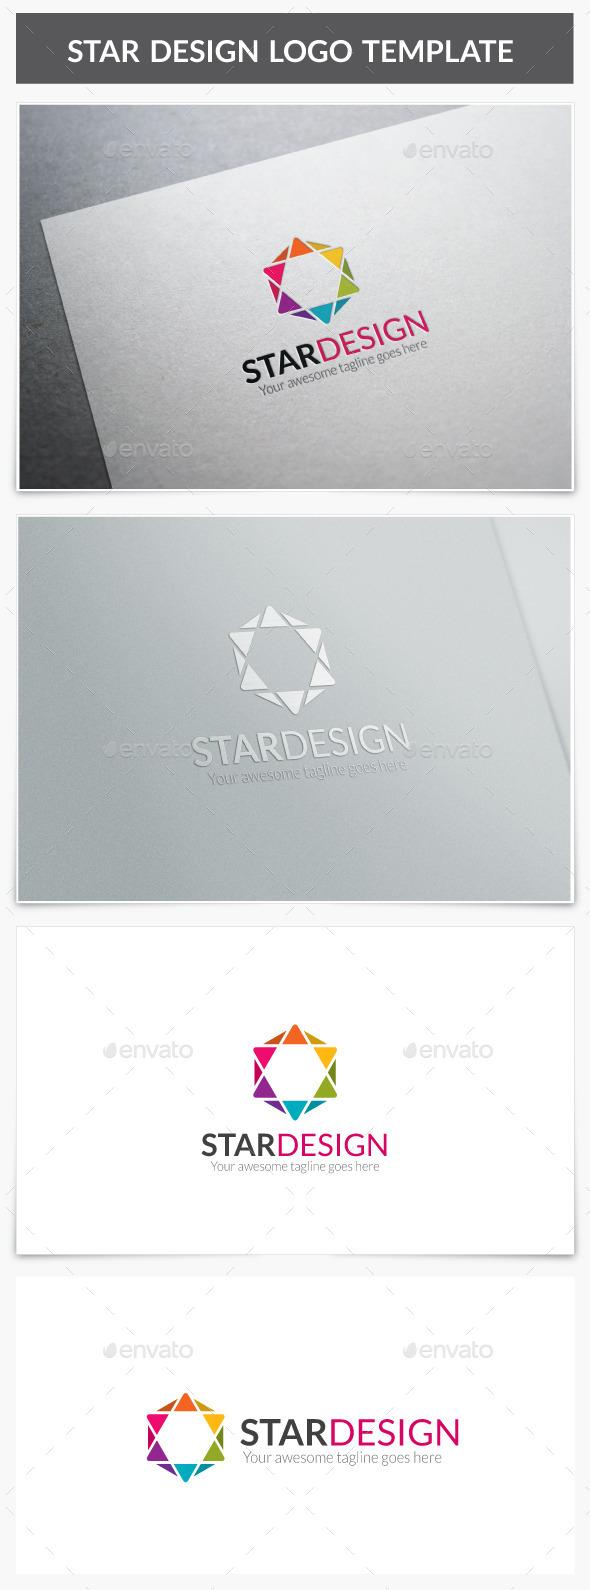 Star Design Logo - Vector Abstract